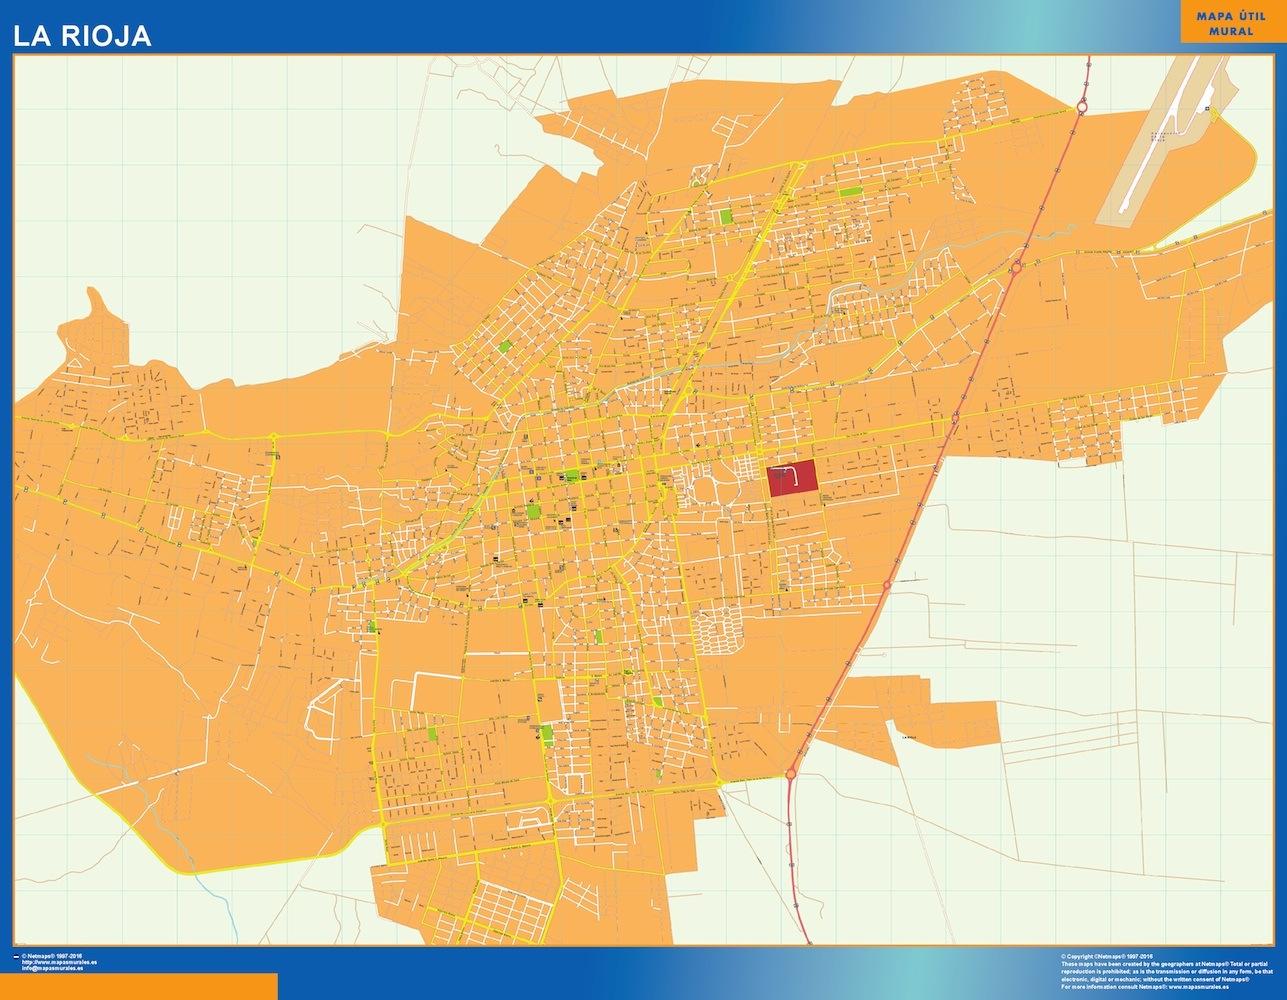 Mapa La Rioja en Argentina plastificado gigante